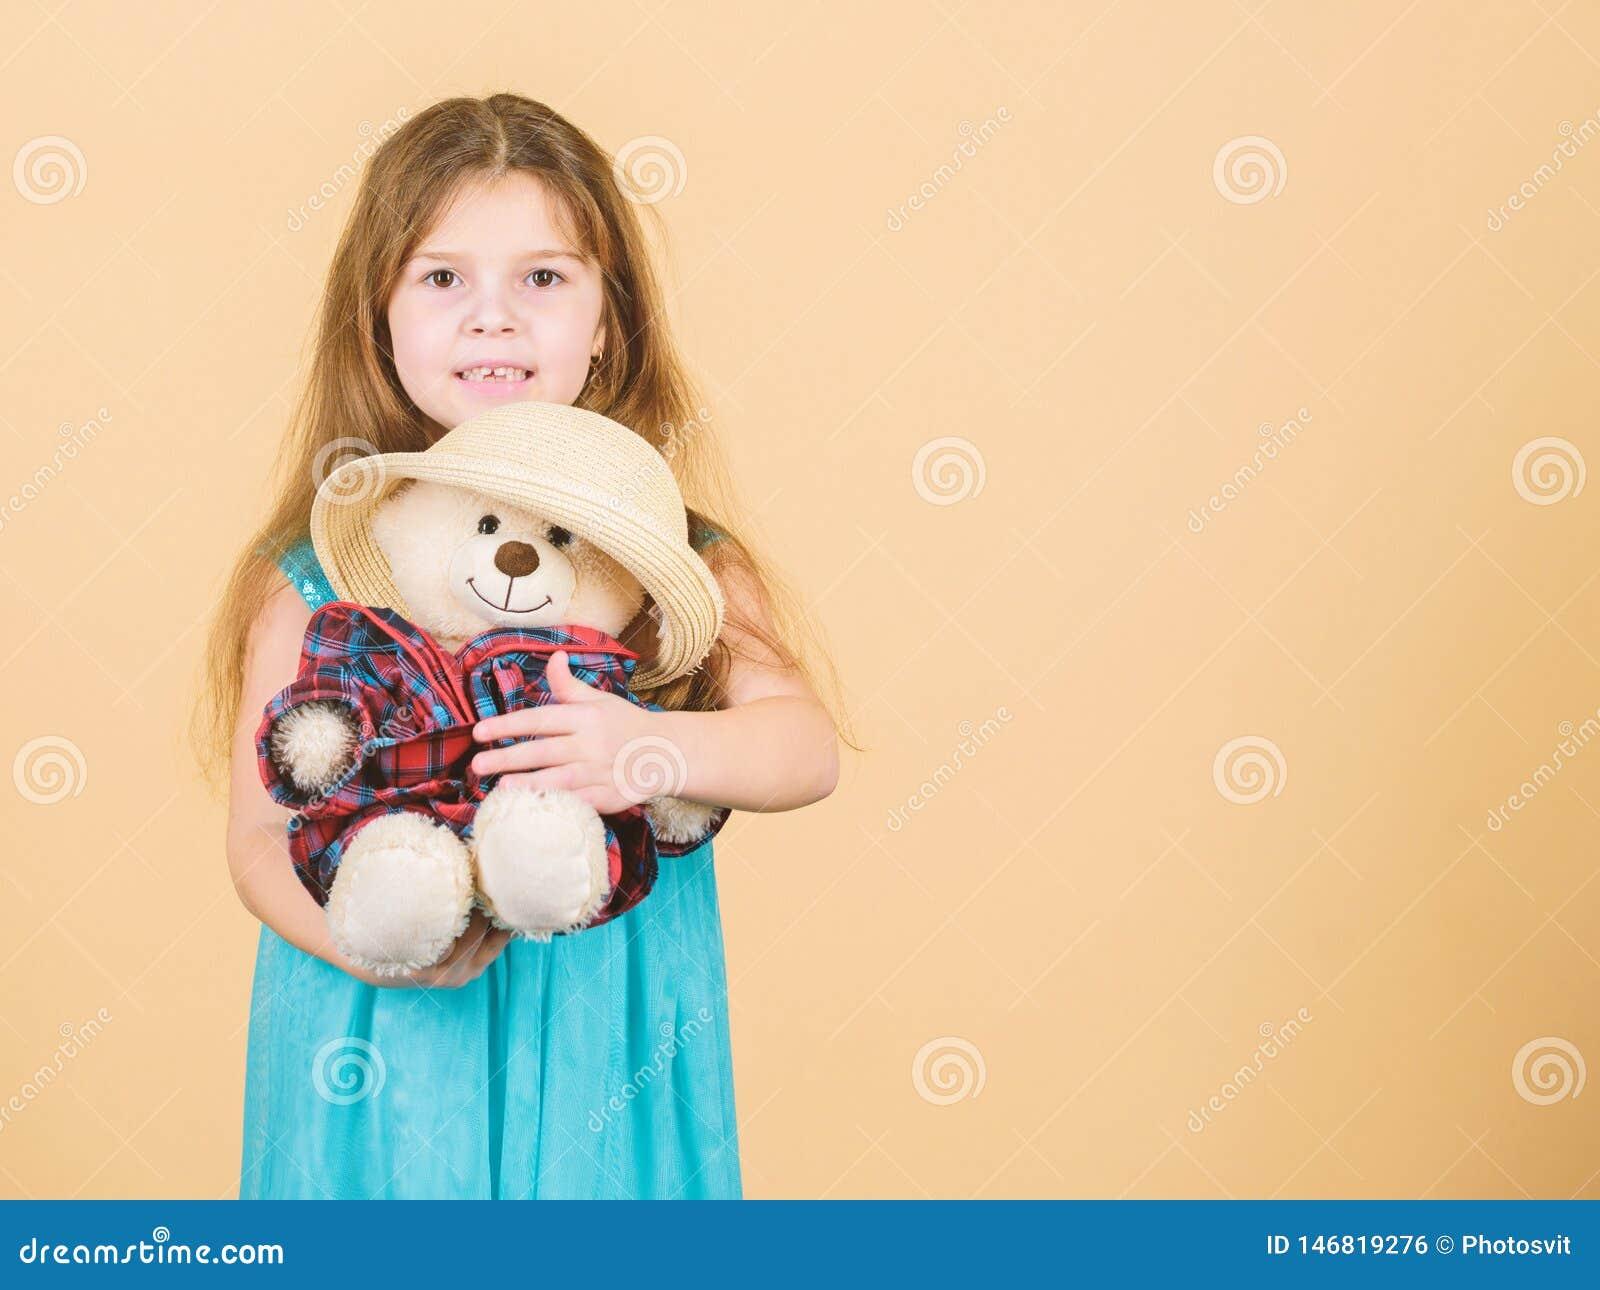 Ο πιό χαριτωμένος πάντα Το μικρό κορίτσι παιδιών αγκαλιάζει προσεκτικά το μαλακό παιχνίδι teddy αντέχει το μπεζ υπόβαθρο Τρυφερές